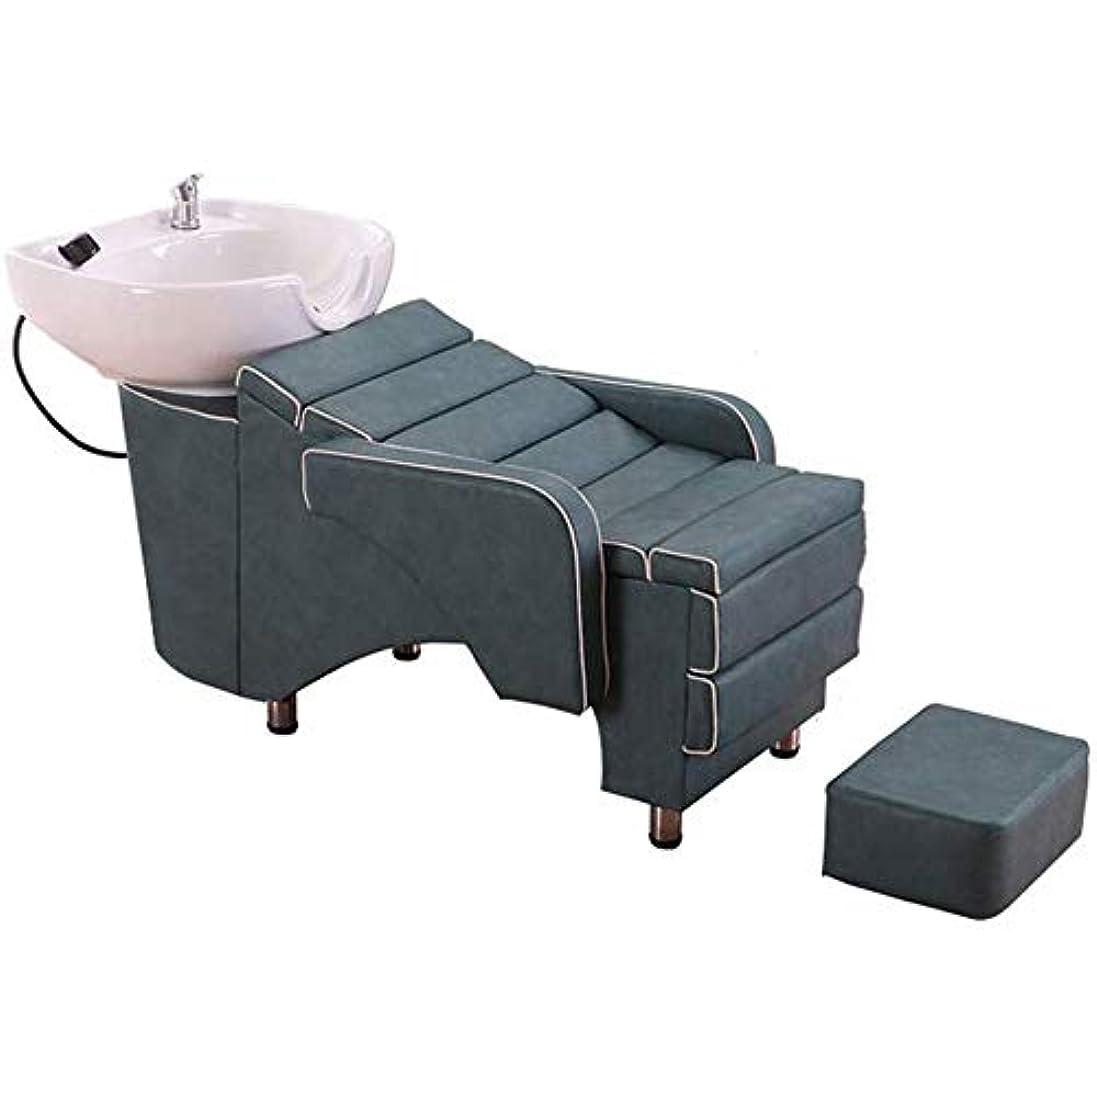 エイリアンプレビュー風景シャンプー理容室逆洗椅子、逆洗ユニットシャンプーボウル理髪シンク椅子用スパビューティーサロン機器理髪店専用